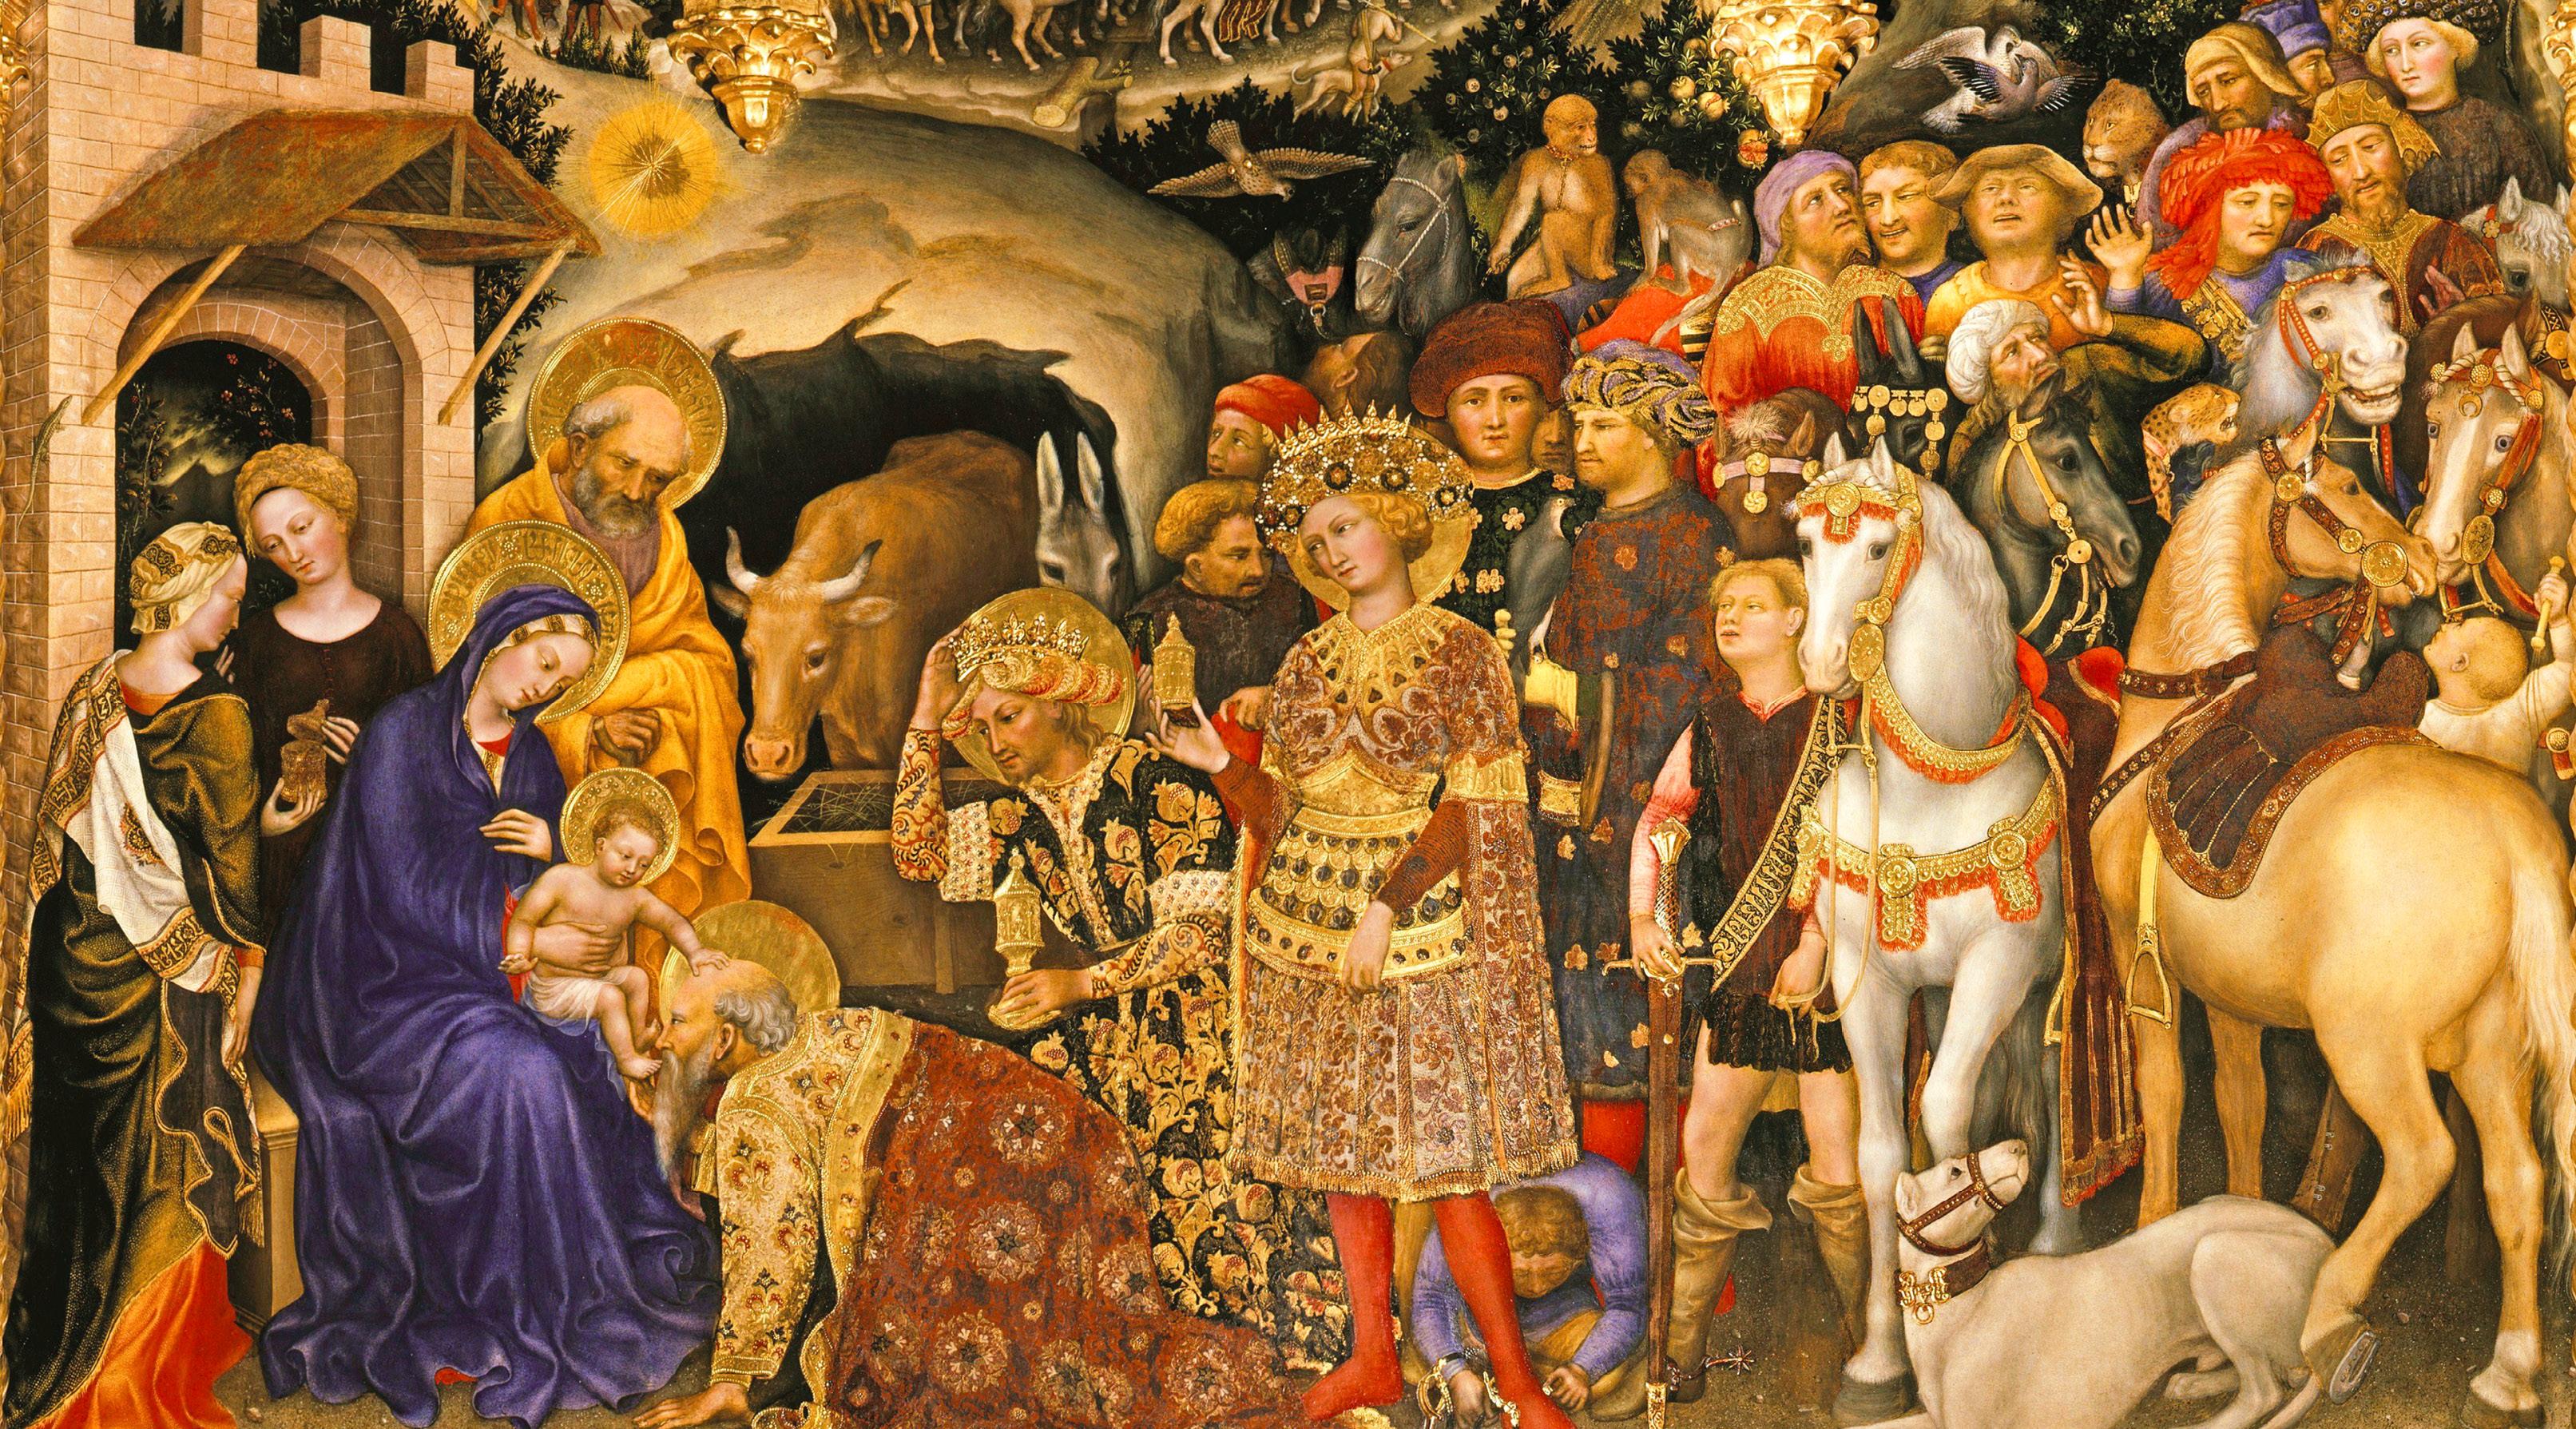 A Adoração dos Reis Magos. Têmpera sobre madeira, de Gentile da Fabriano, 1423. Galeria Uffizi, museu de arte em Florença, Itália. Commons.wikimedia.org.